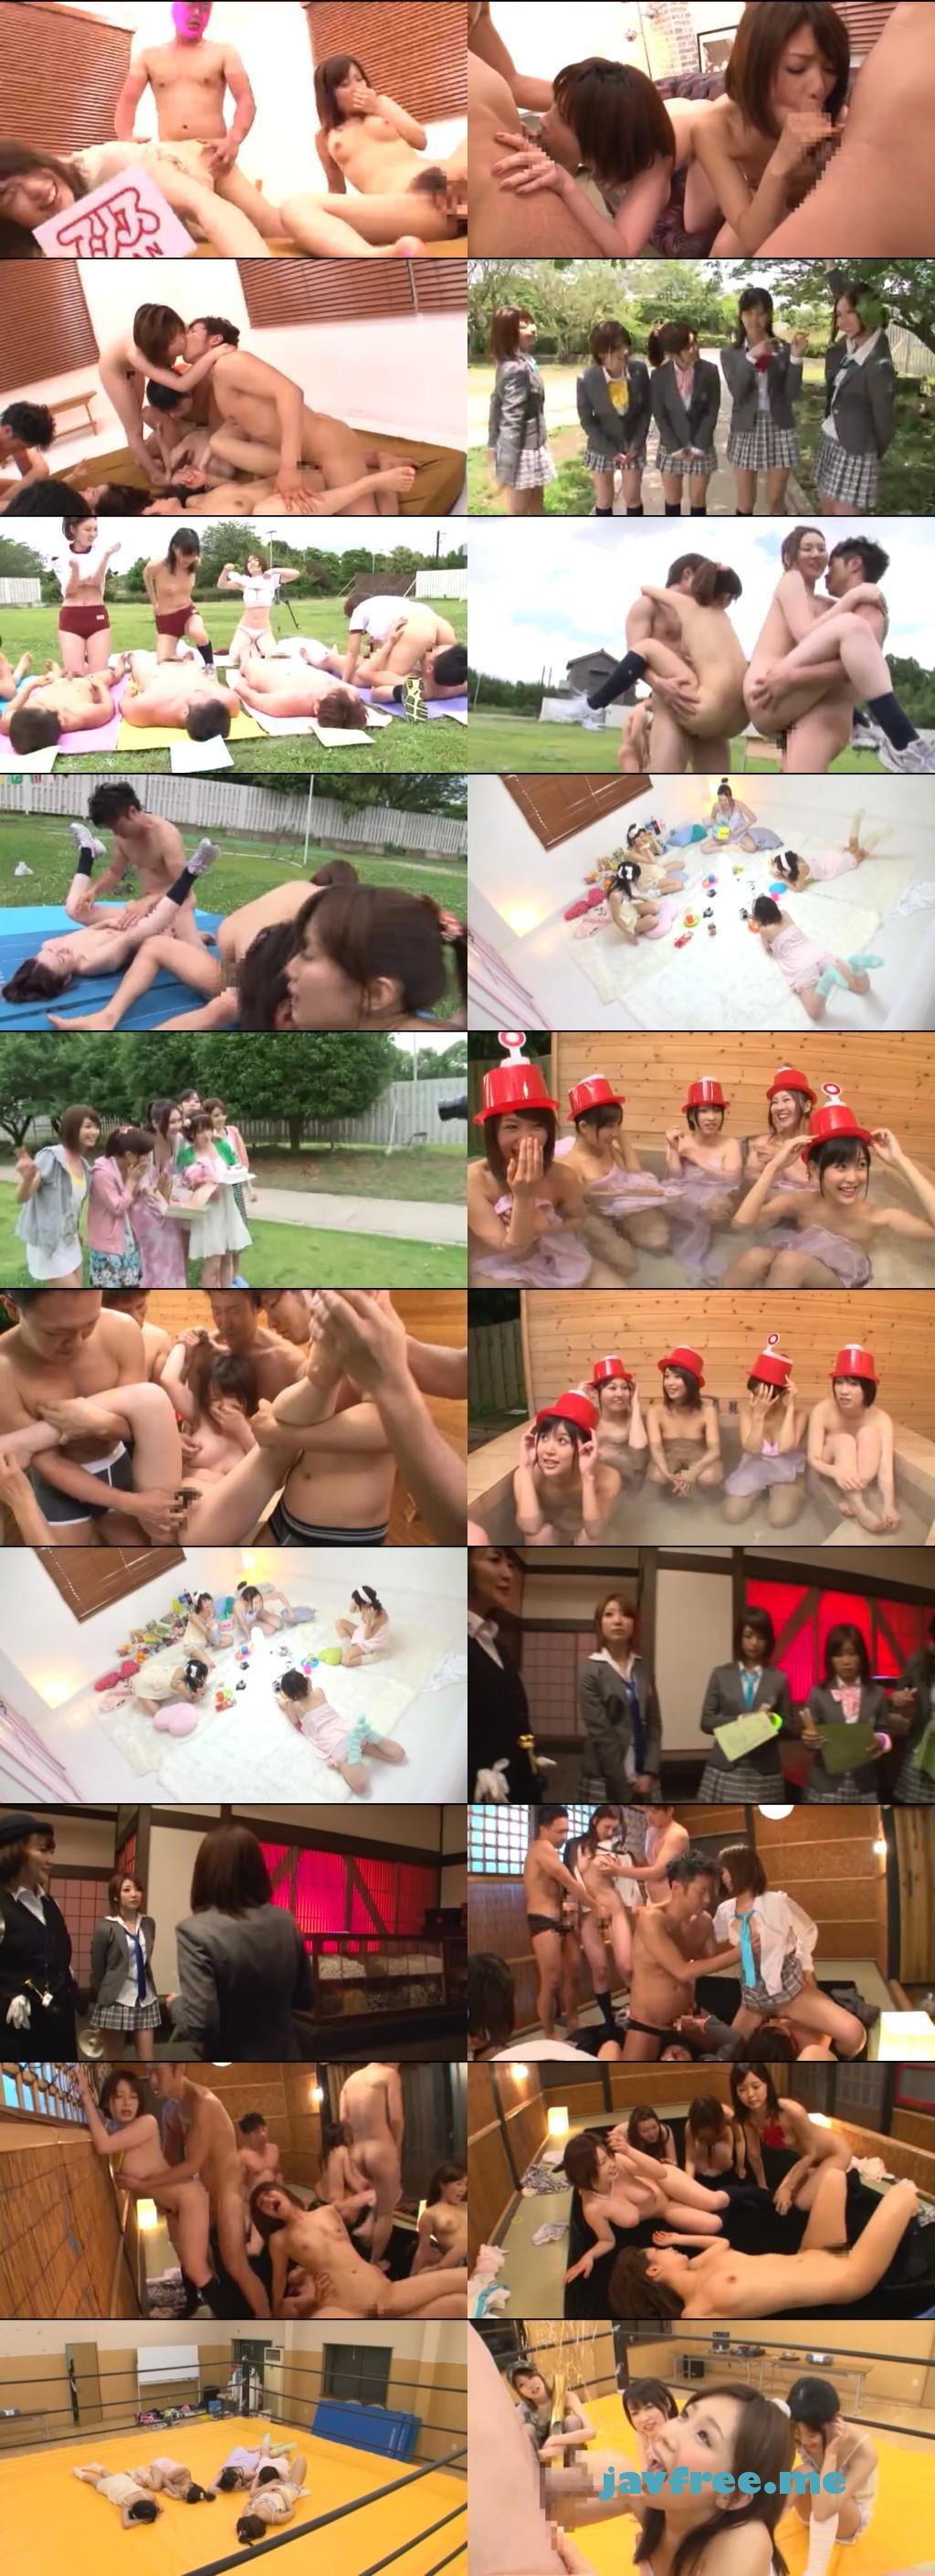 [DVD][DV-1424] 満開アリスた~ず★ - image DV-1424 on https://javfree.me